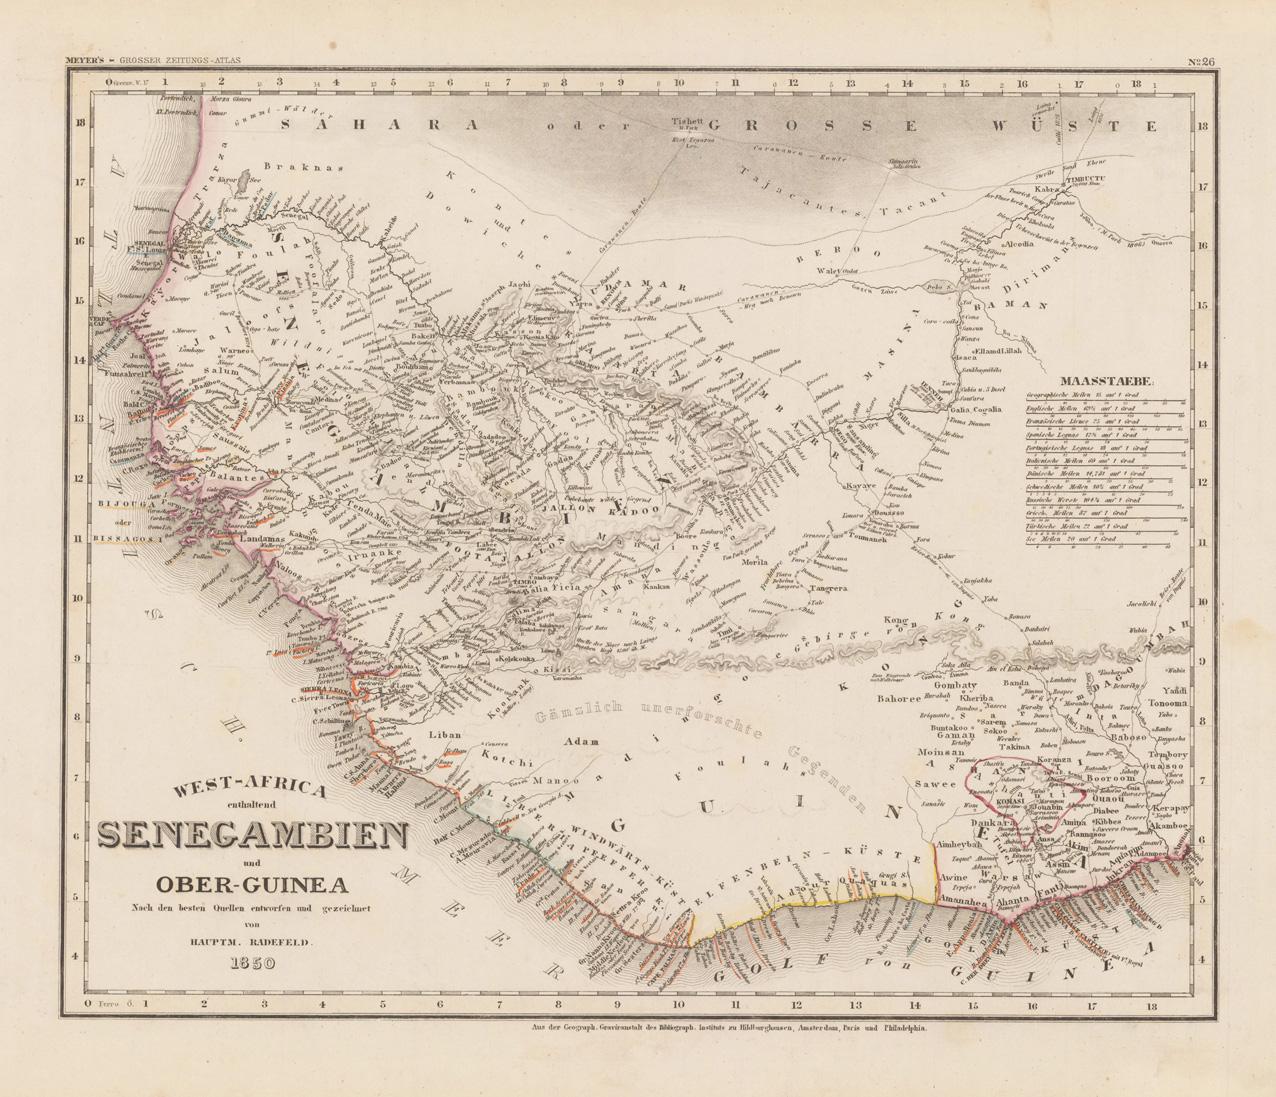 West-Africa enthaltend Senegambien und Ober-Guinea Nach den: Radefeld, Hauptmann von